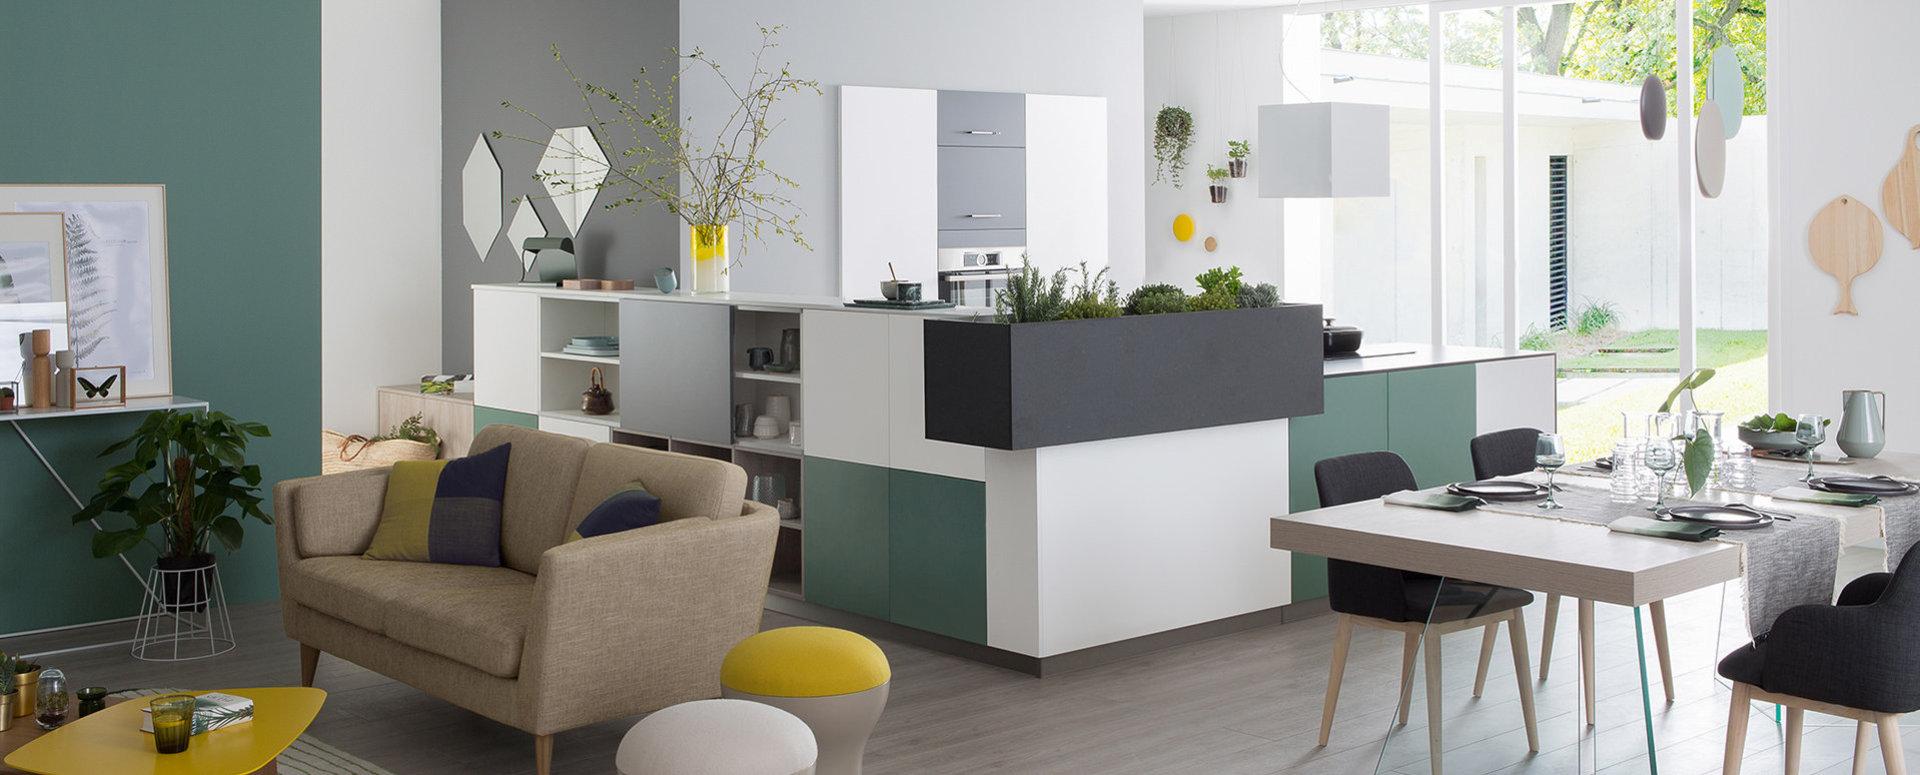 Bilde Åpent kjøkken grå grønn design